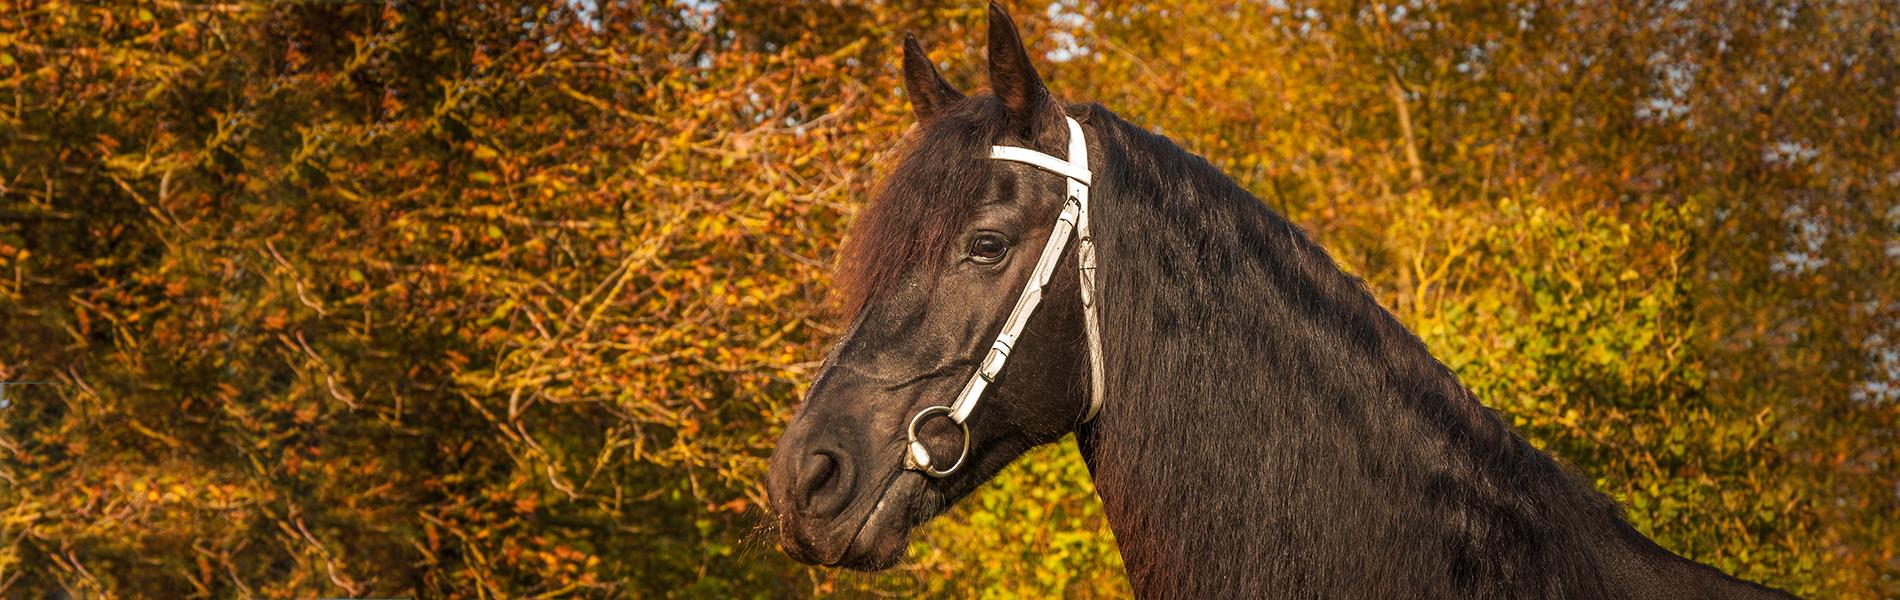 Online inschrijven paardenkliniek